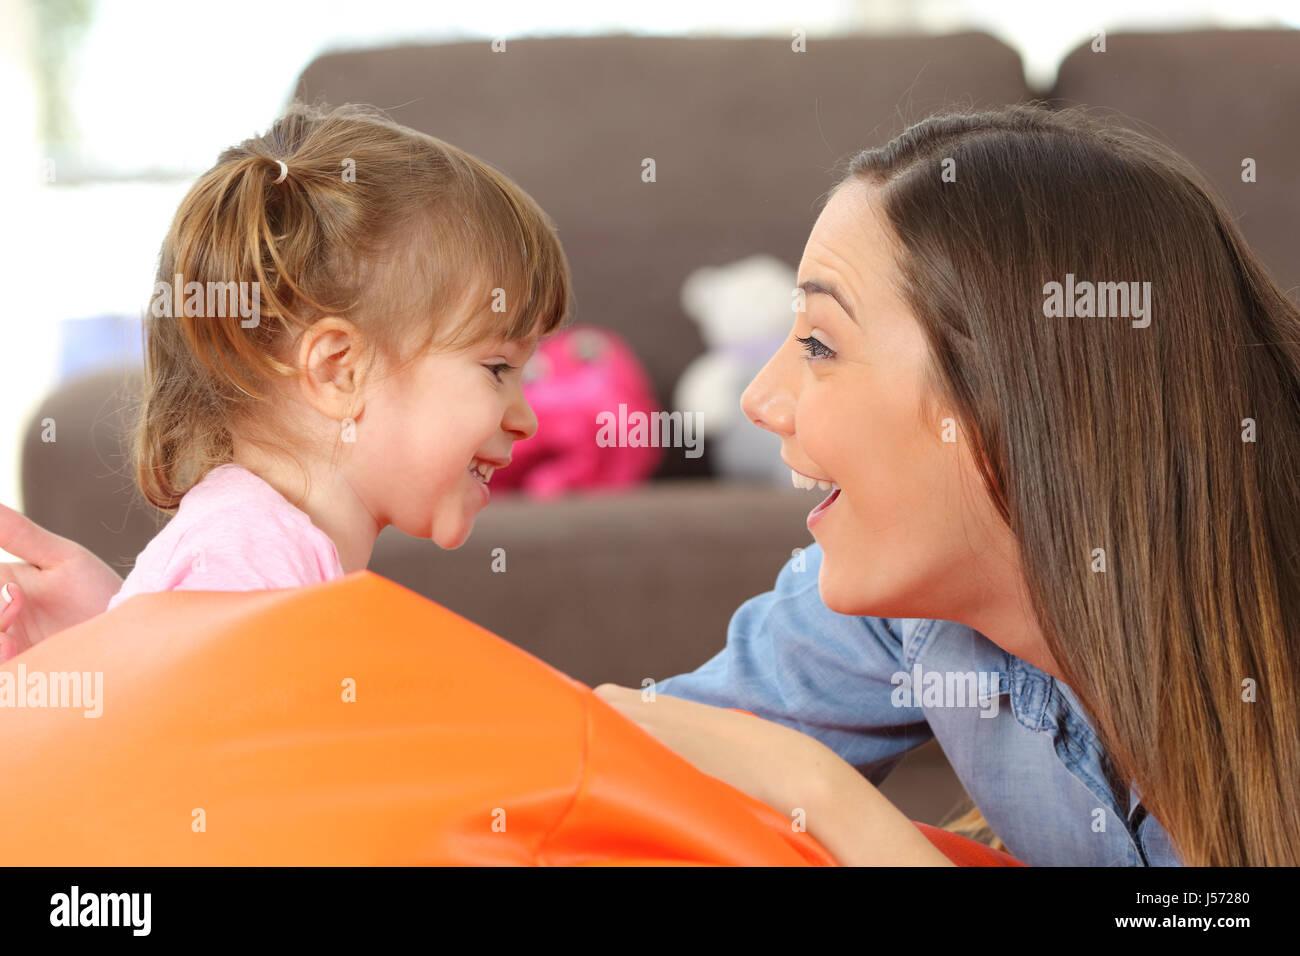 Vista lateral retrato de una feliz madre e hija de 2 años mirando y bromas en el salón en casa Imagen De Stock